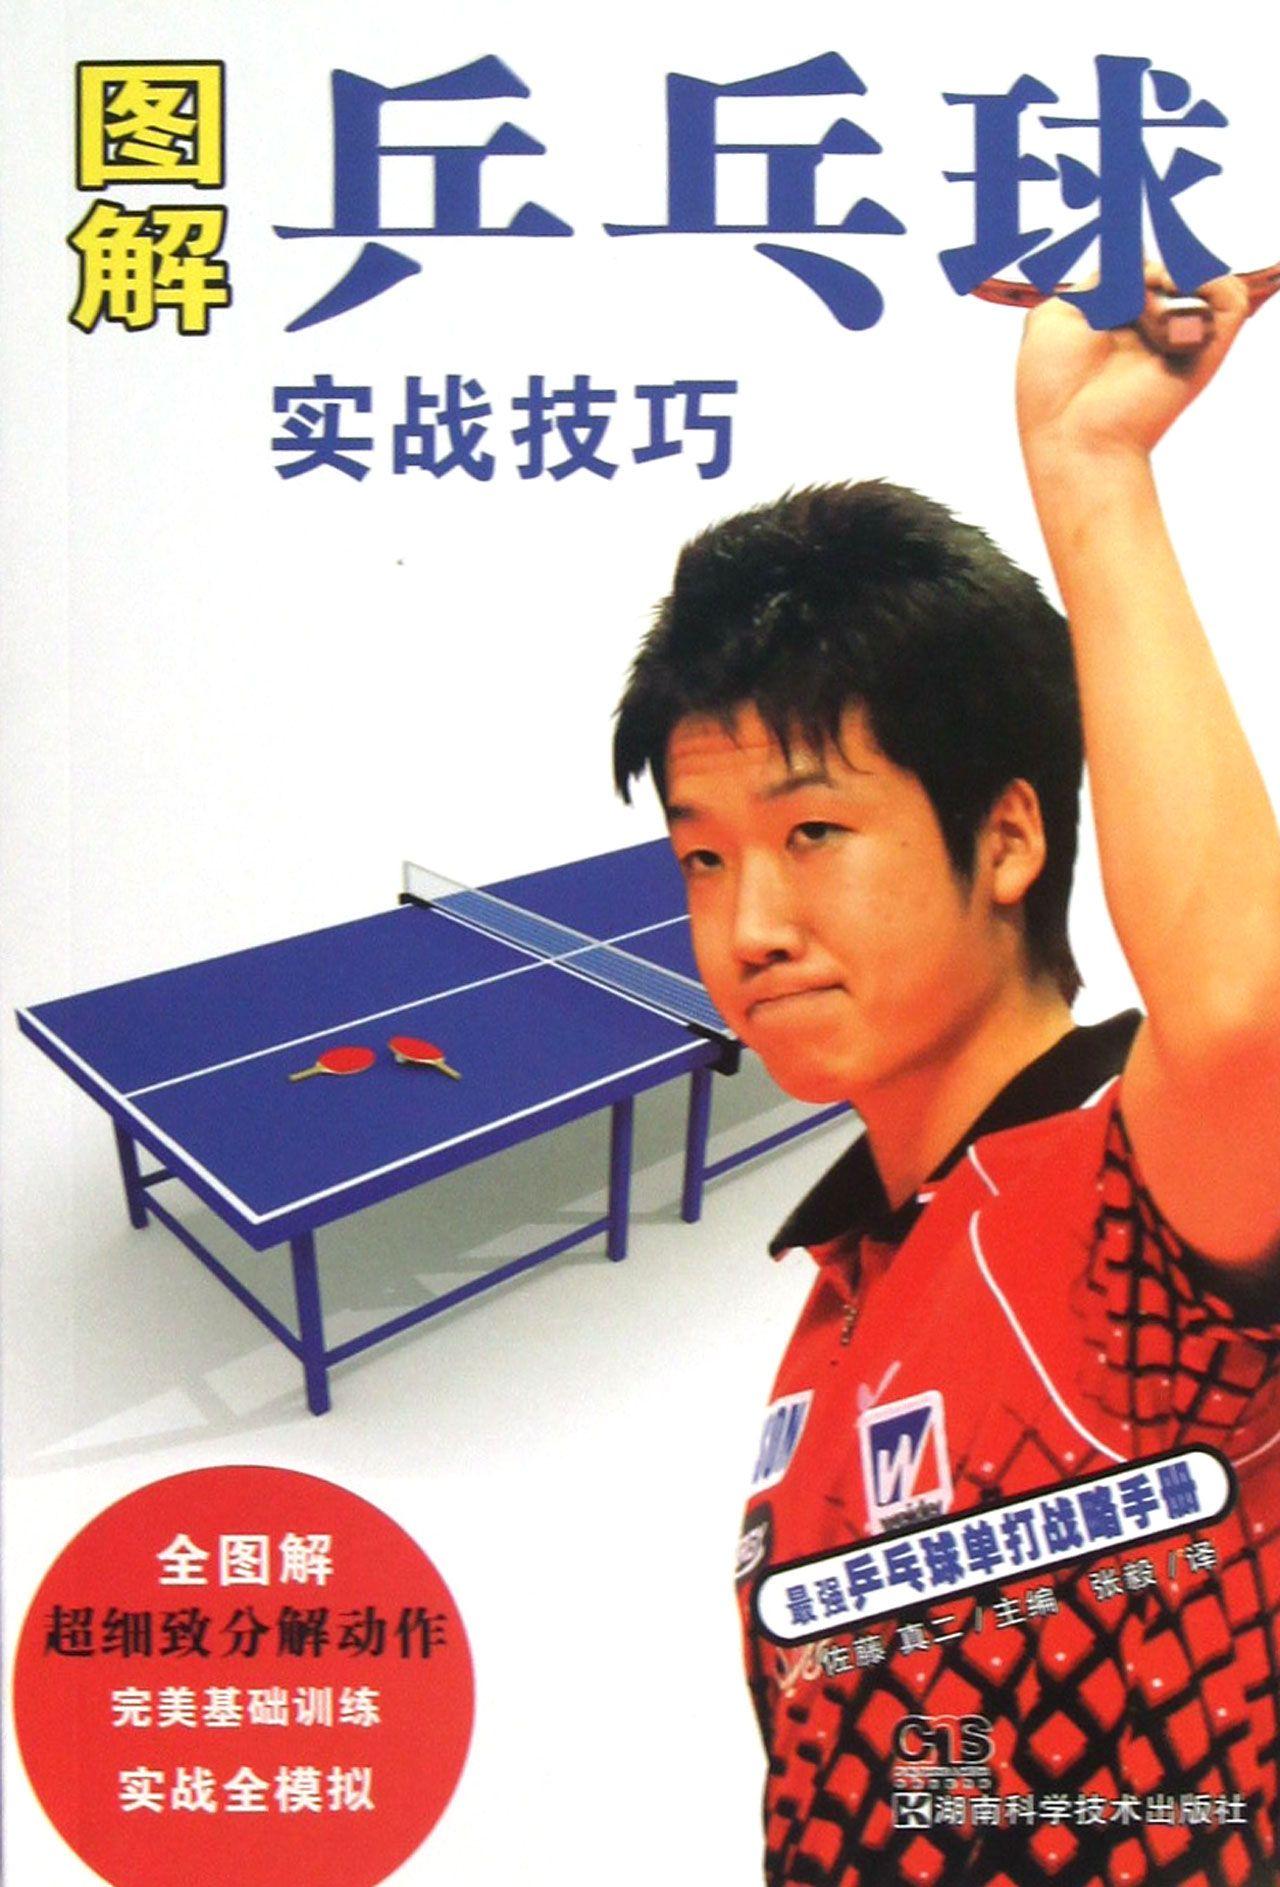 图解乒乓球实战技巧-博库网